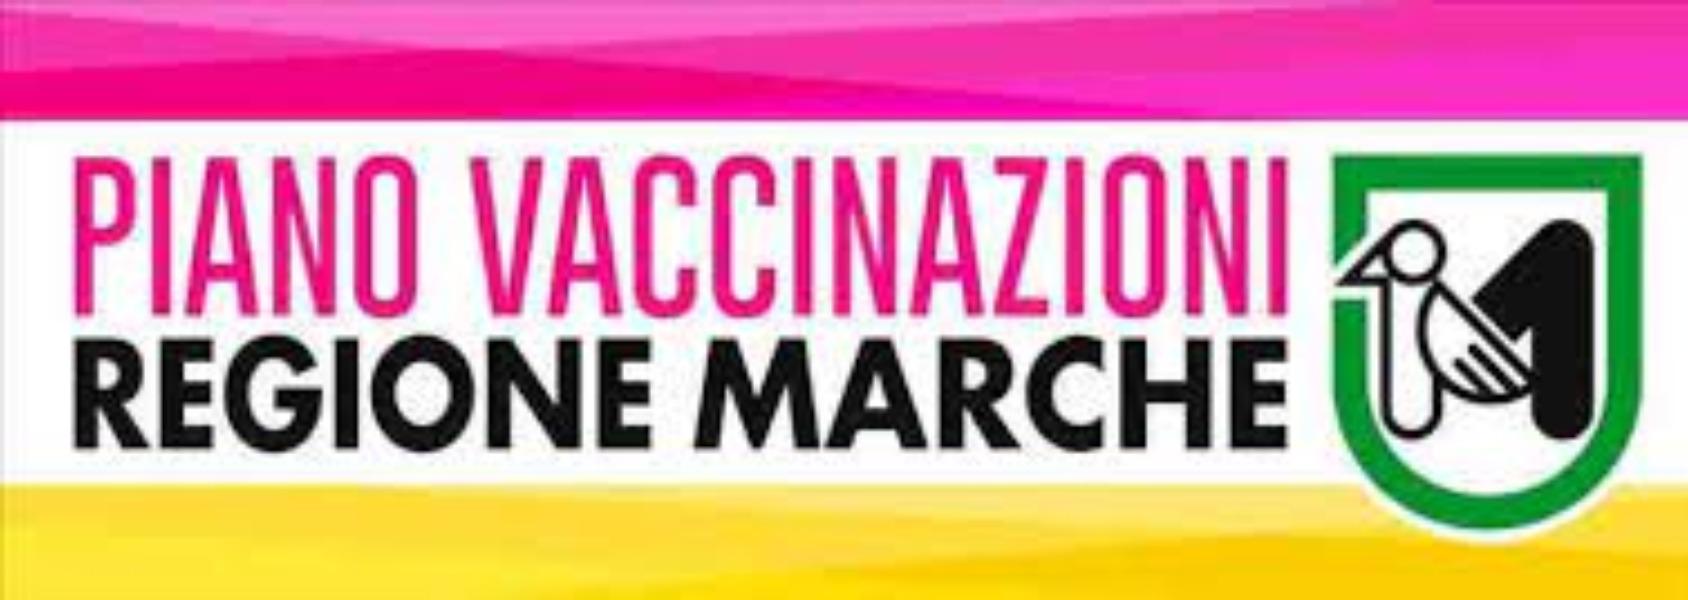 Piano vaccinazioni Regione Marche